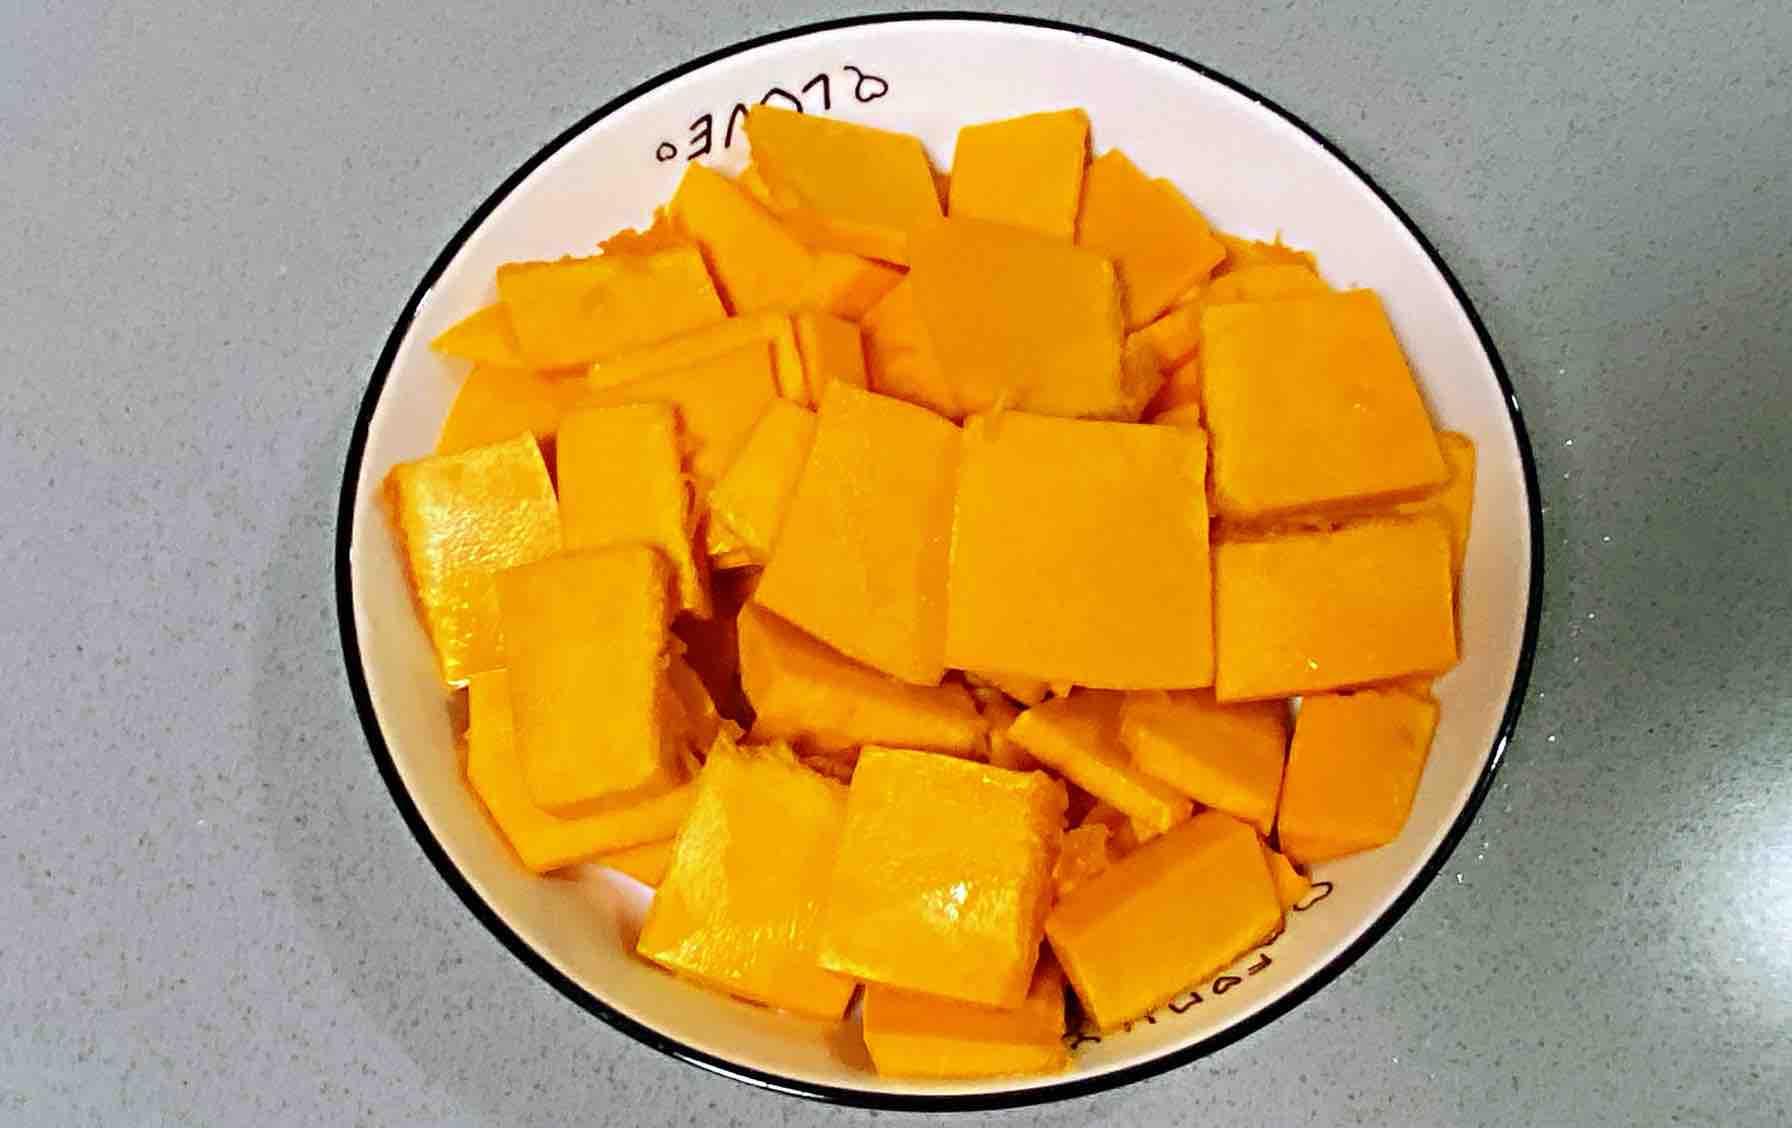 【孕妇食谱】奶油南瓜汤,口感细腻丝滑,奶香浓郁~的步骤